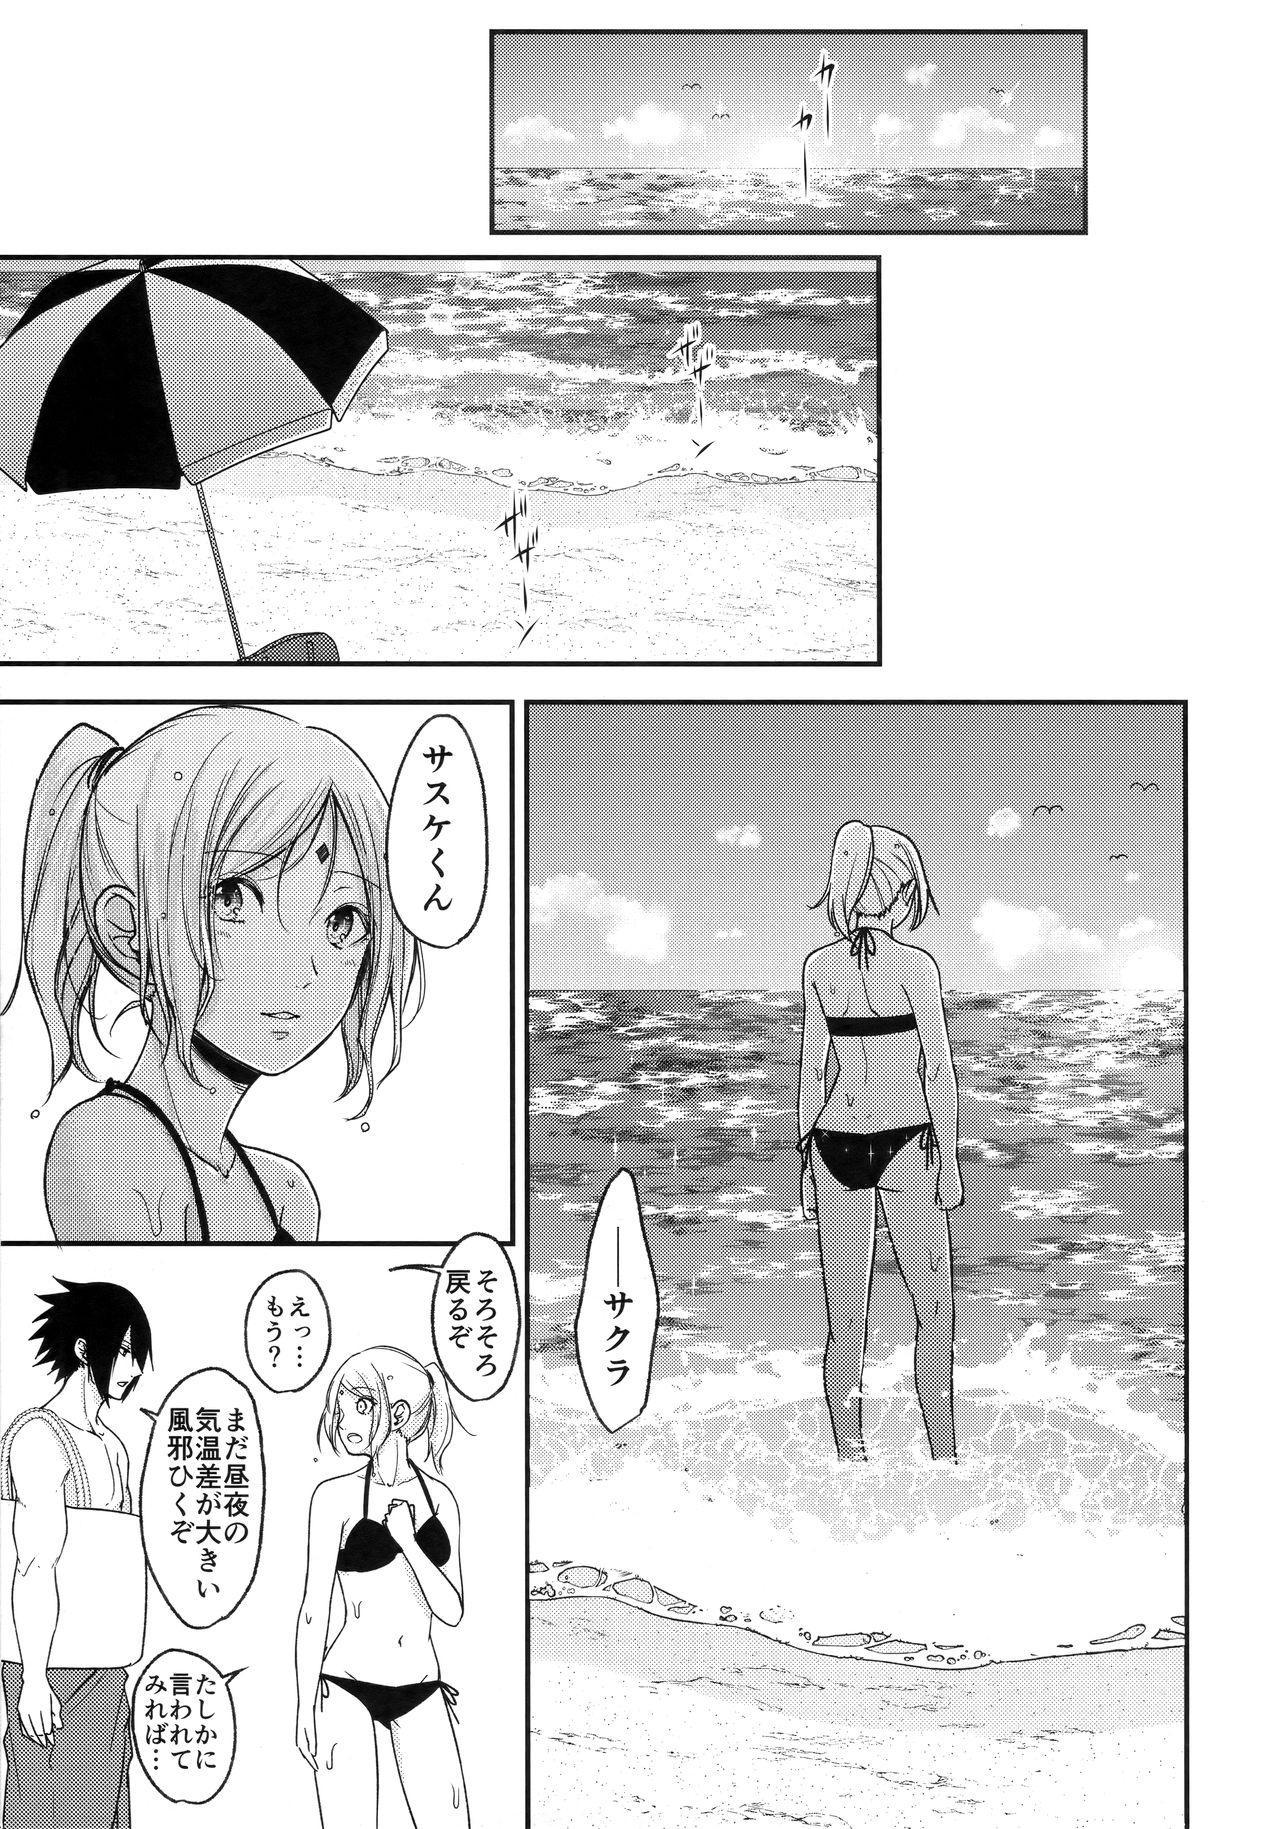 Honeymoon Beach 14